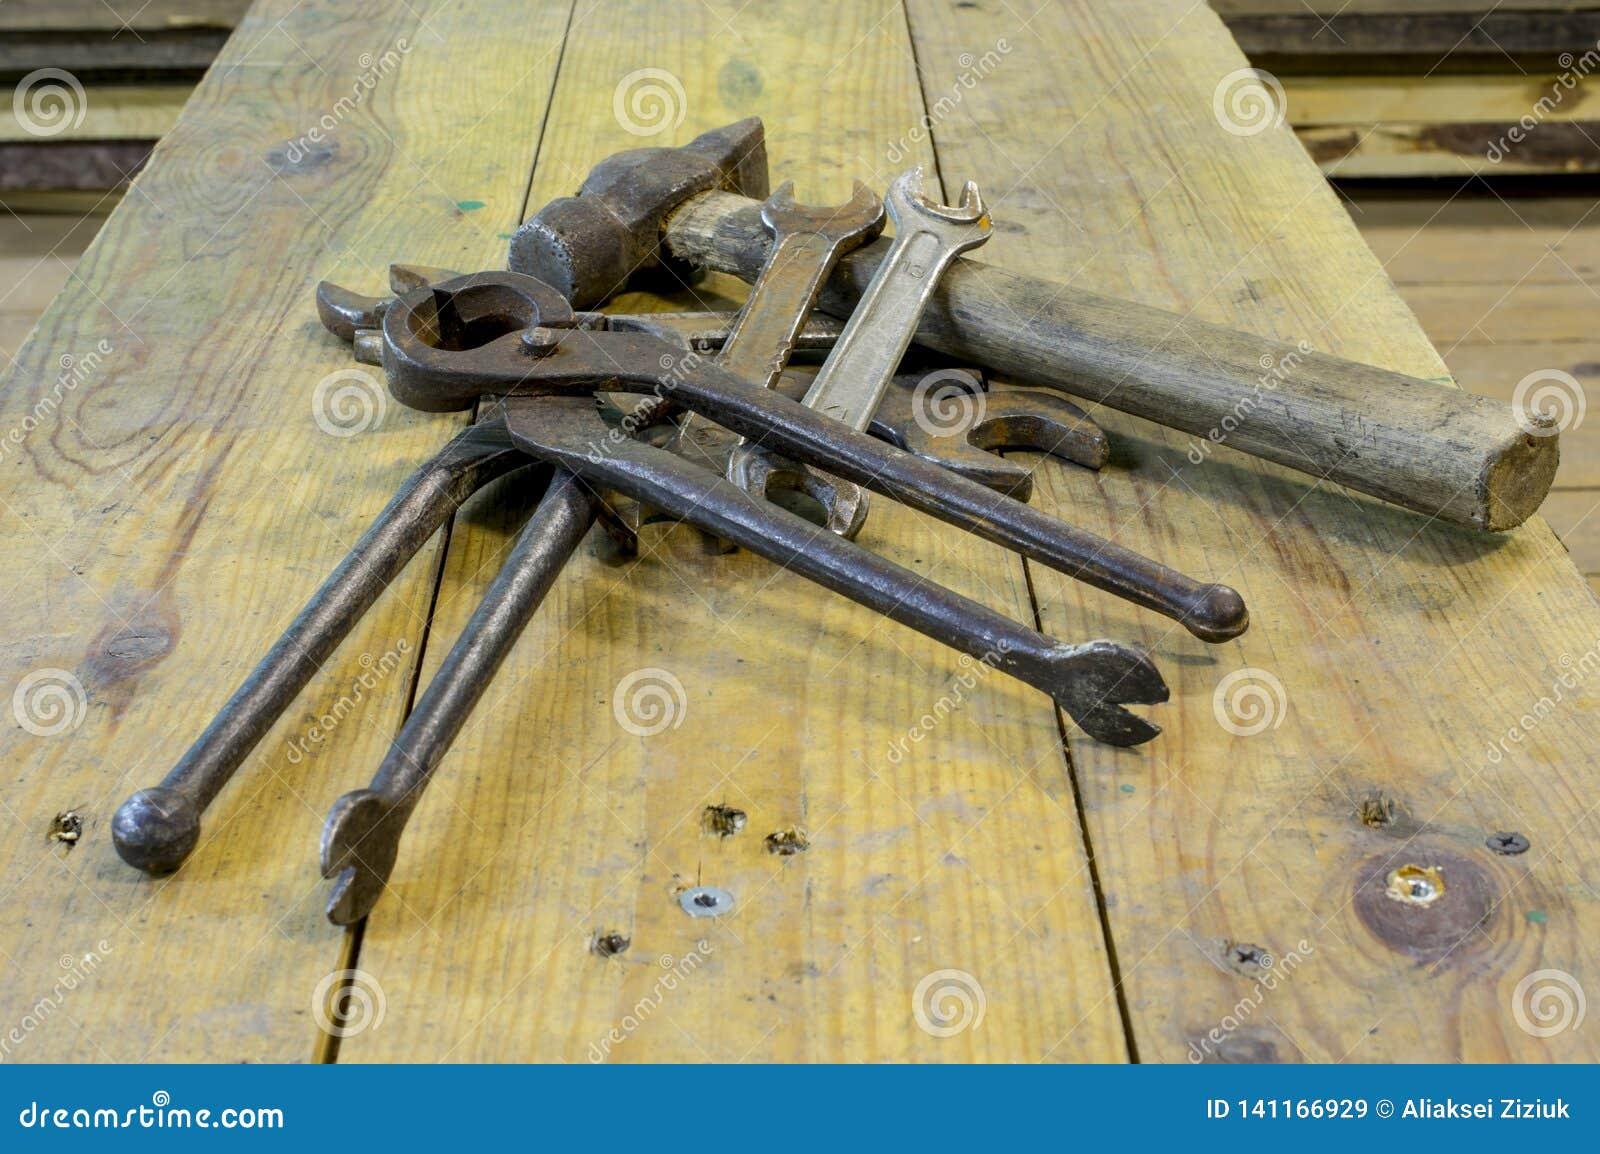 Πάγκος εργασίας με τα εργαλεία χρησιμοποιούμενα, βρώμικος, σκουριασμένος